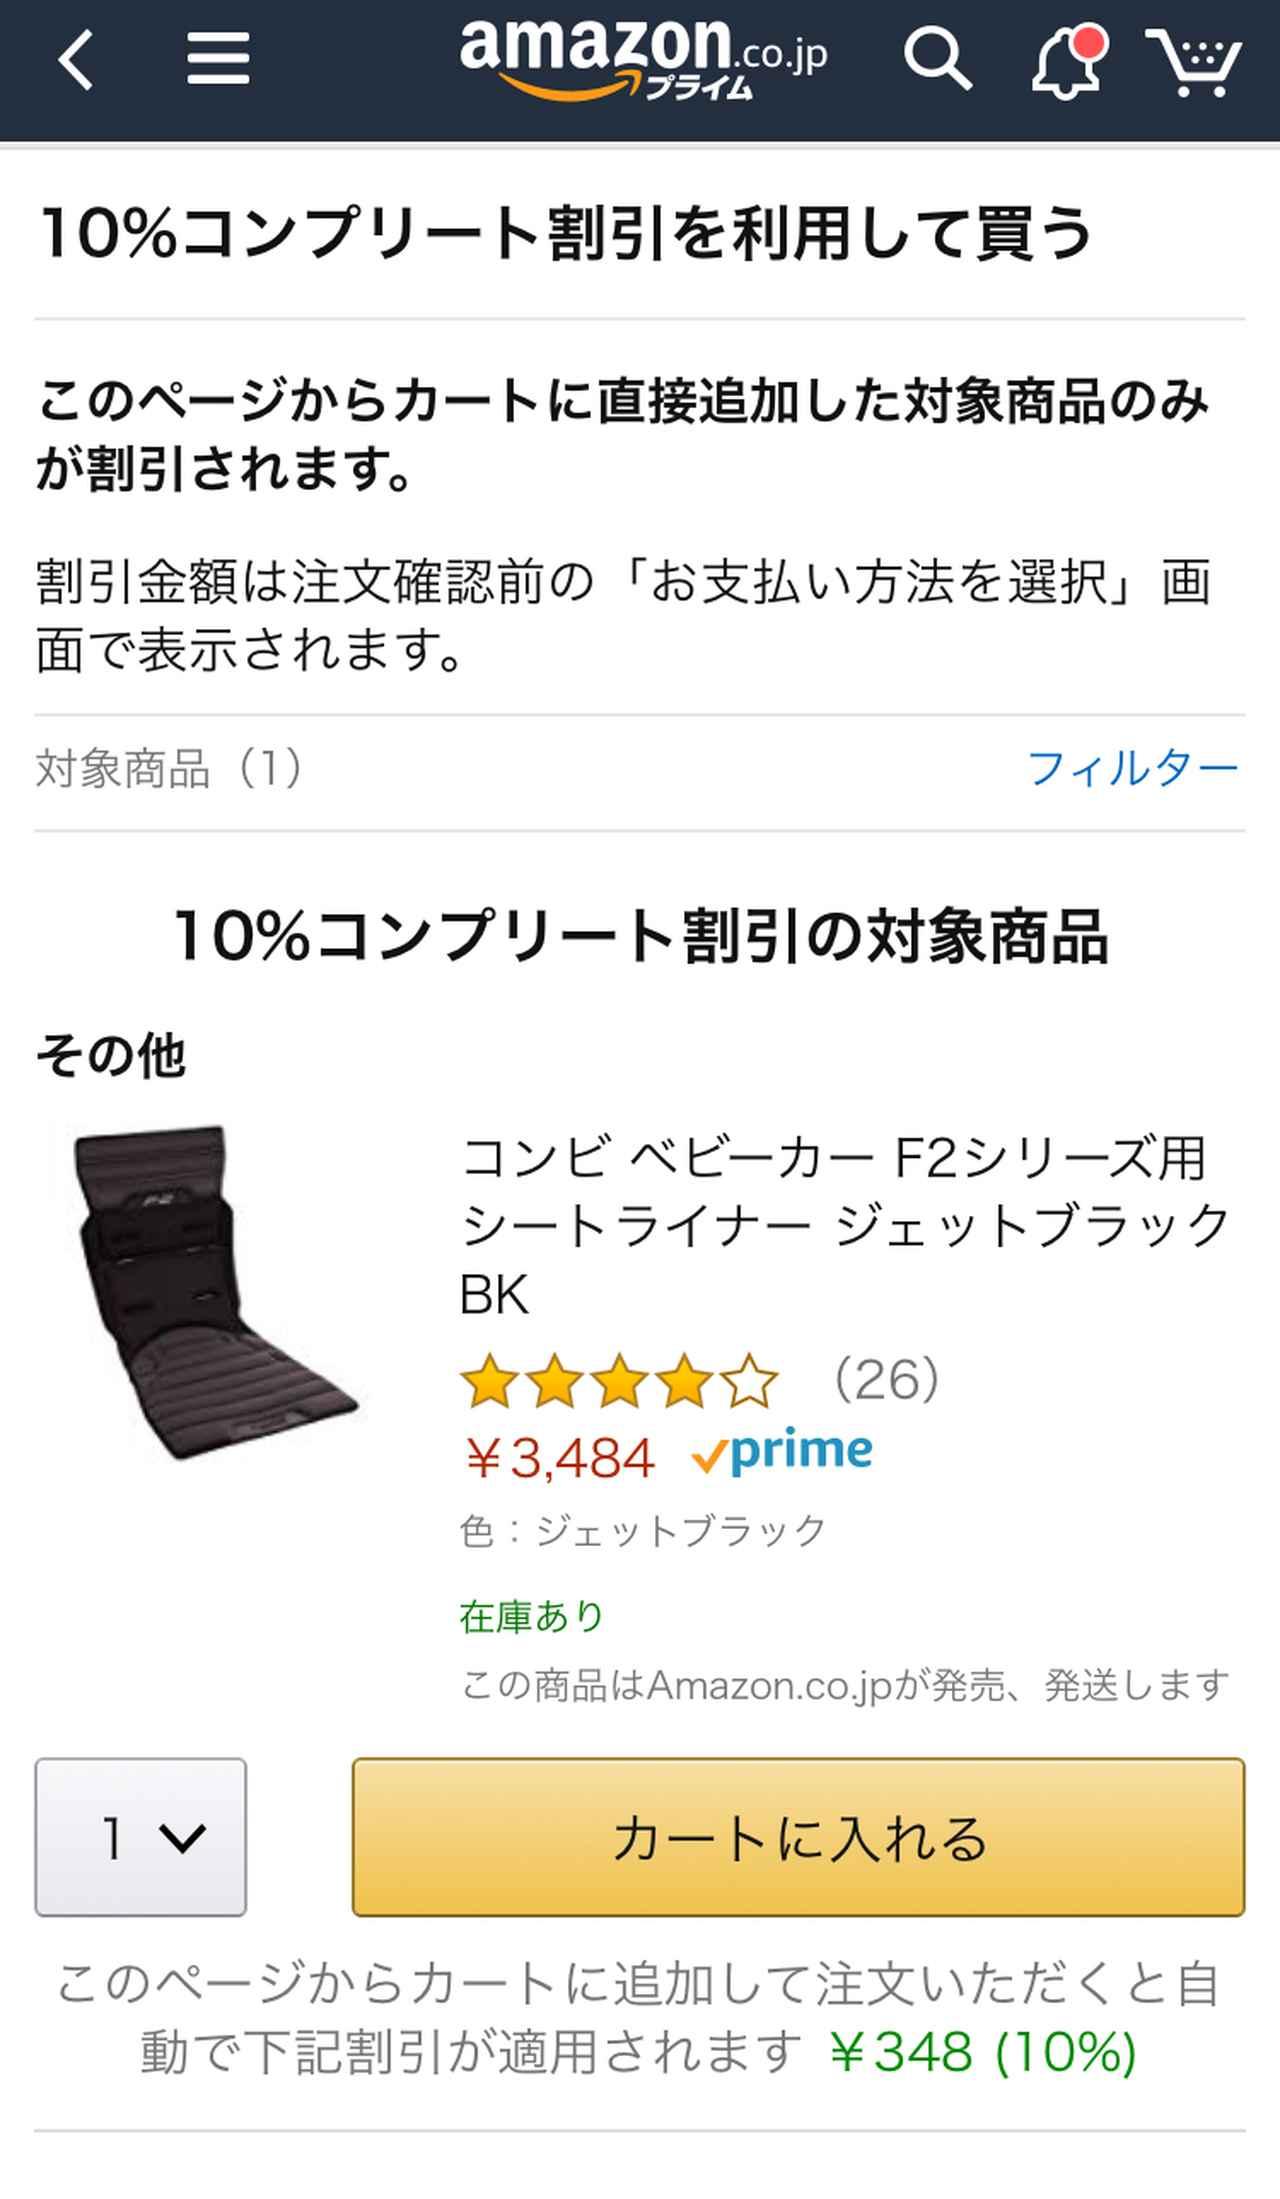 画像: コンプリート割引の対象商品で、購入すると348円(10%)の割引が適用されるとの表示がでる